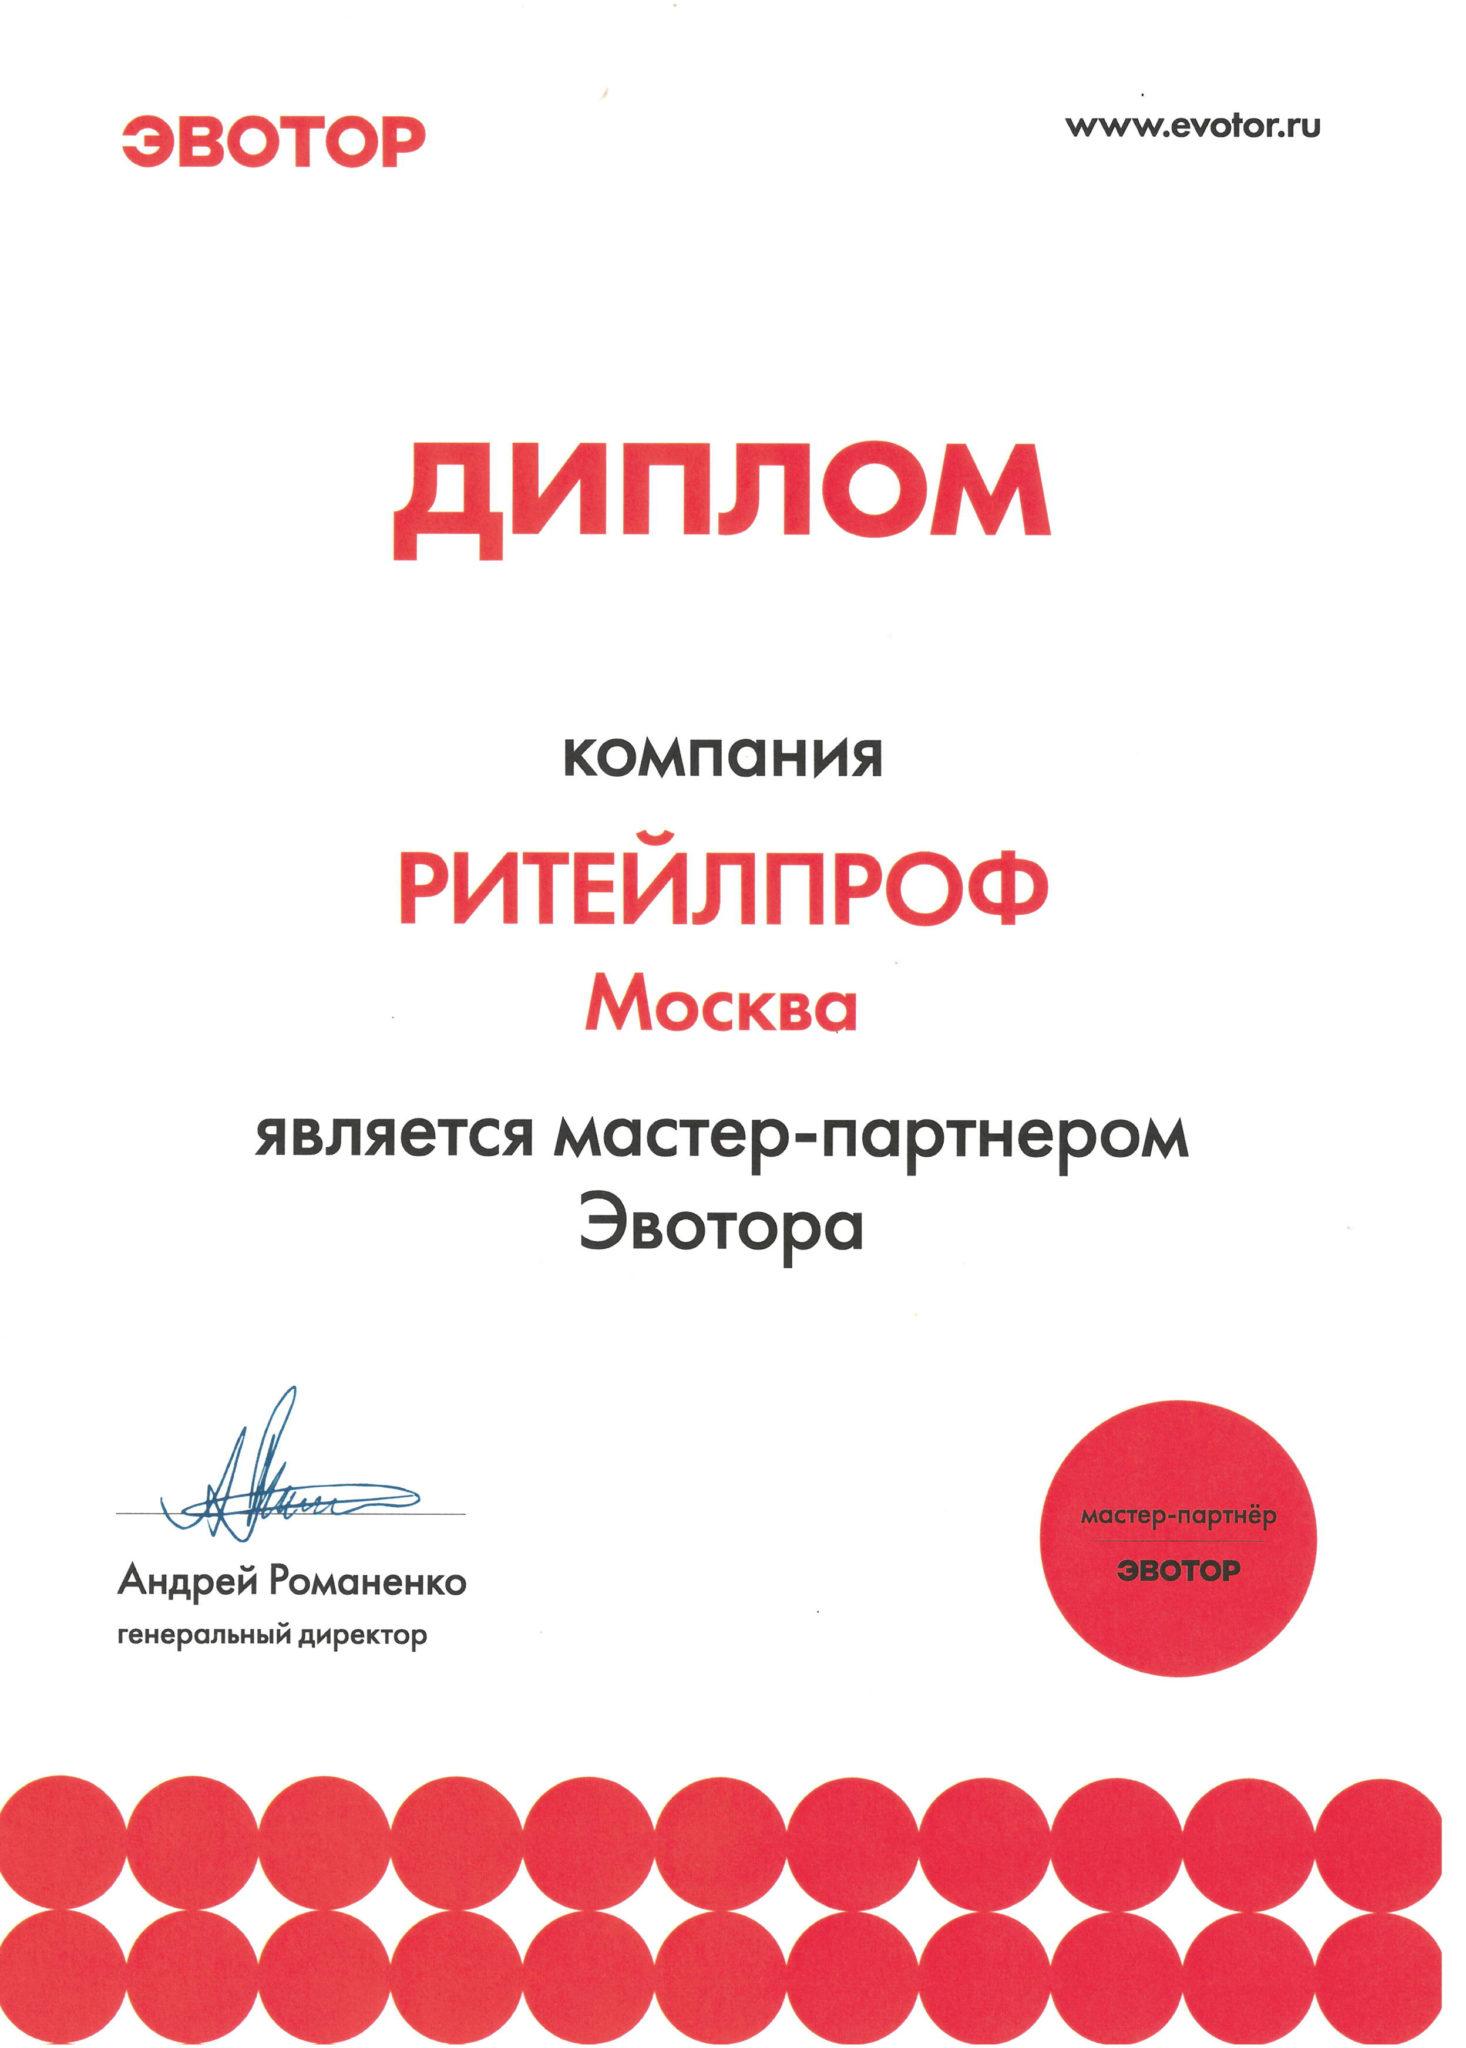 Диплом мастер-партнера Эвотор